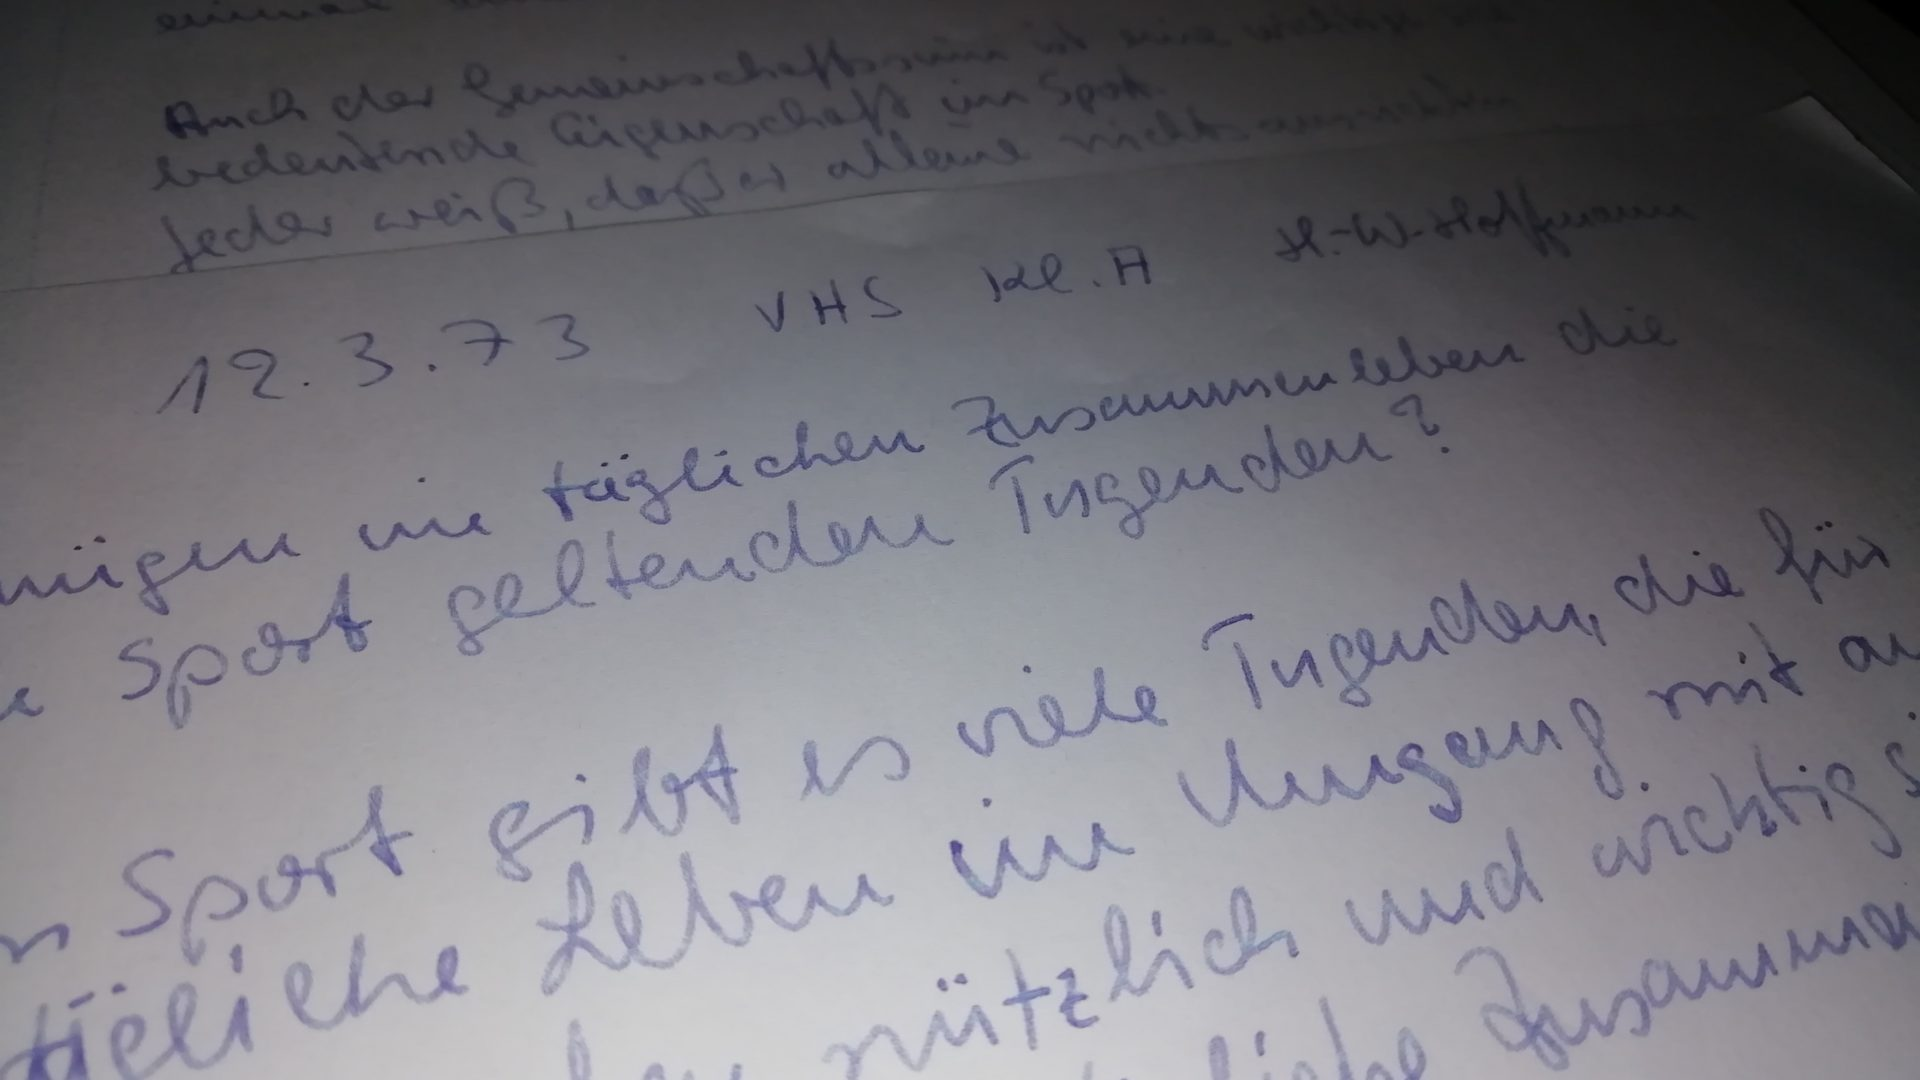 Klassenarbeit von 1973 so aktuell wie nie